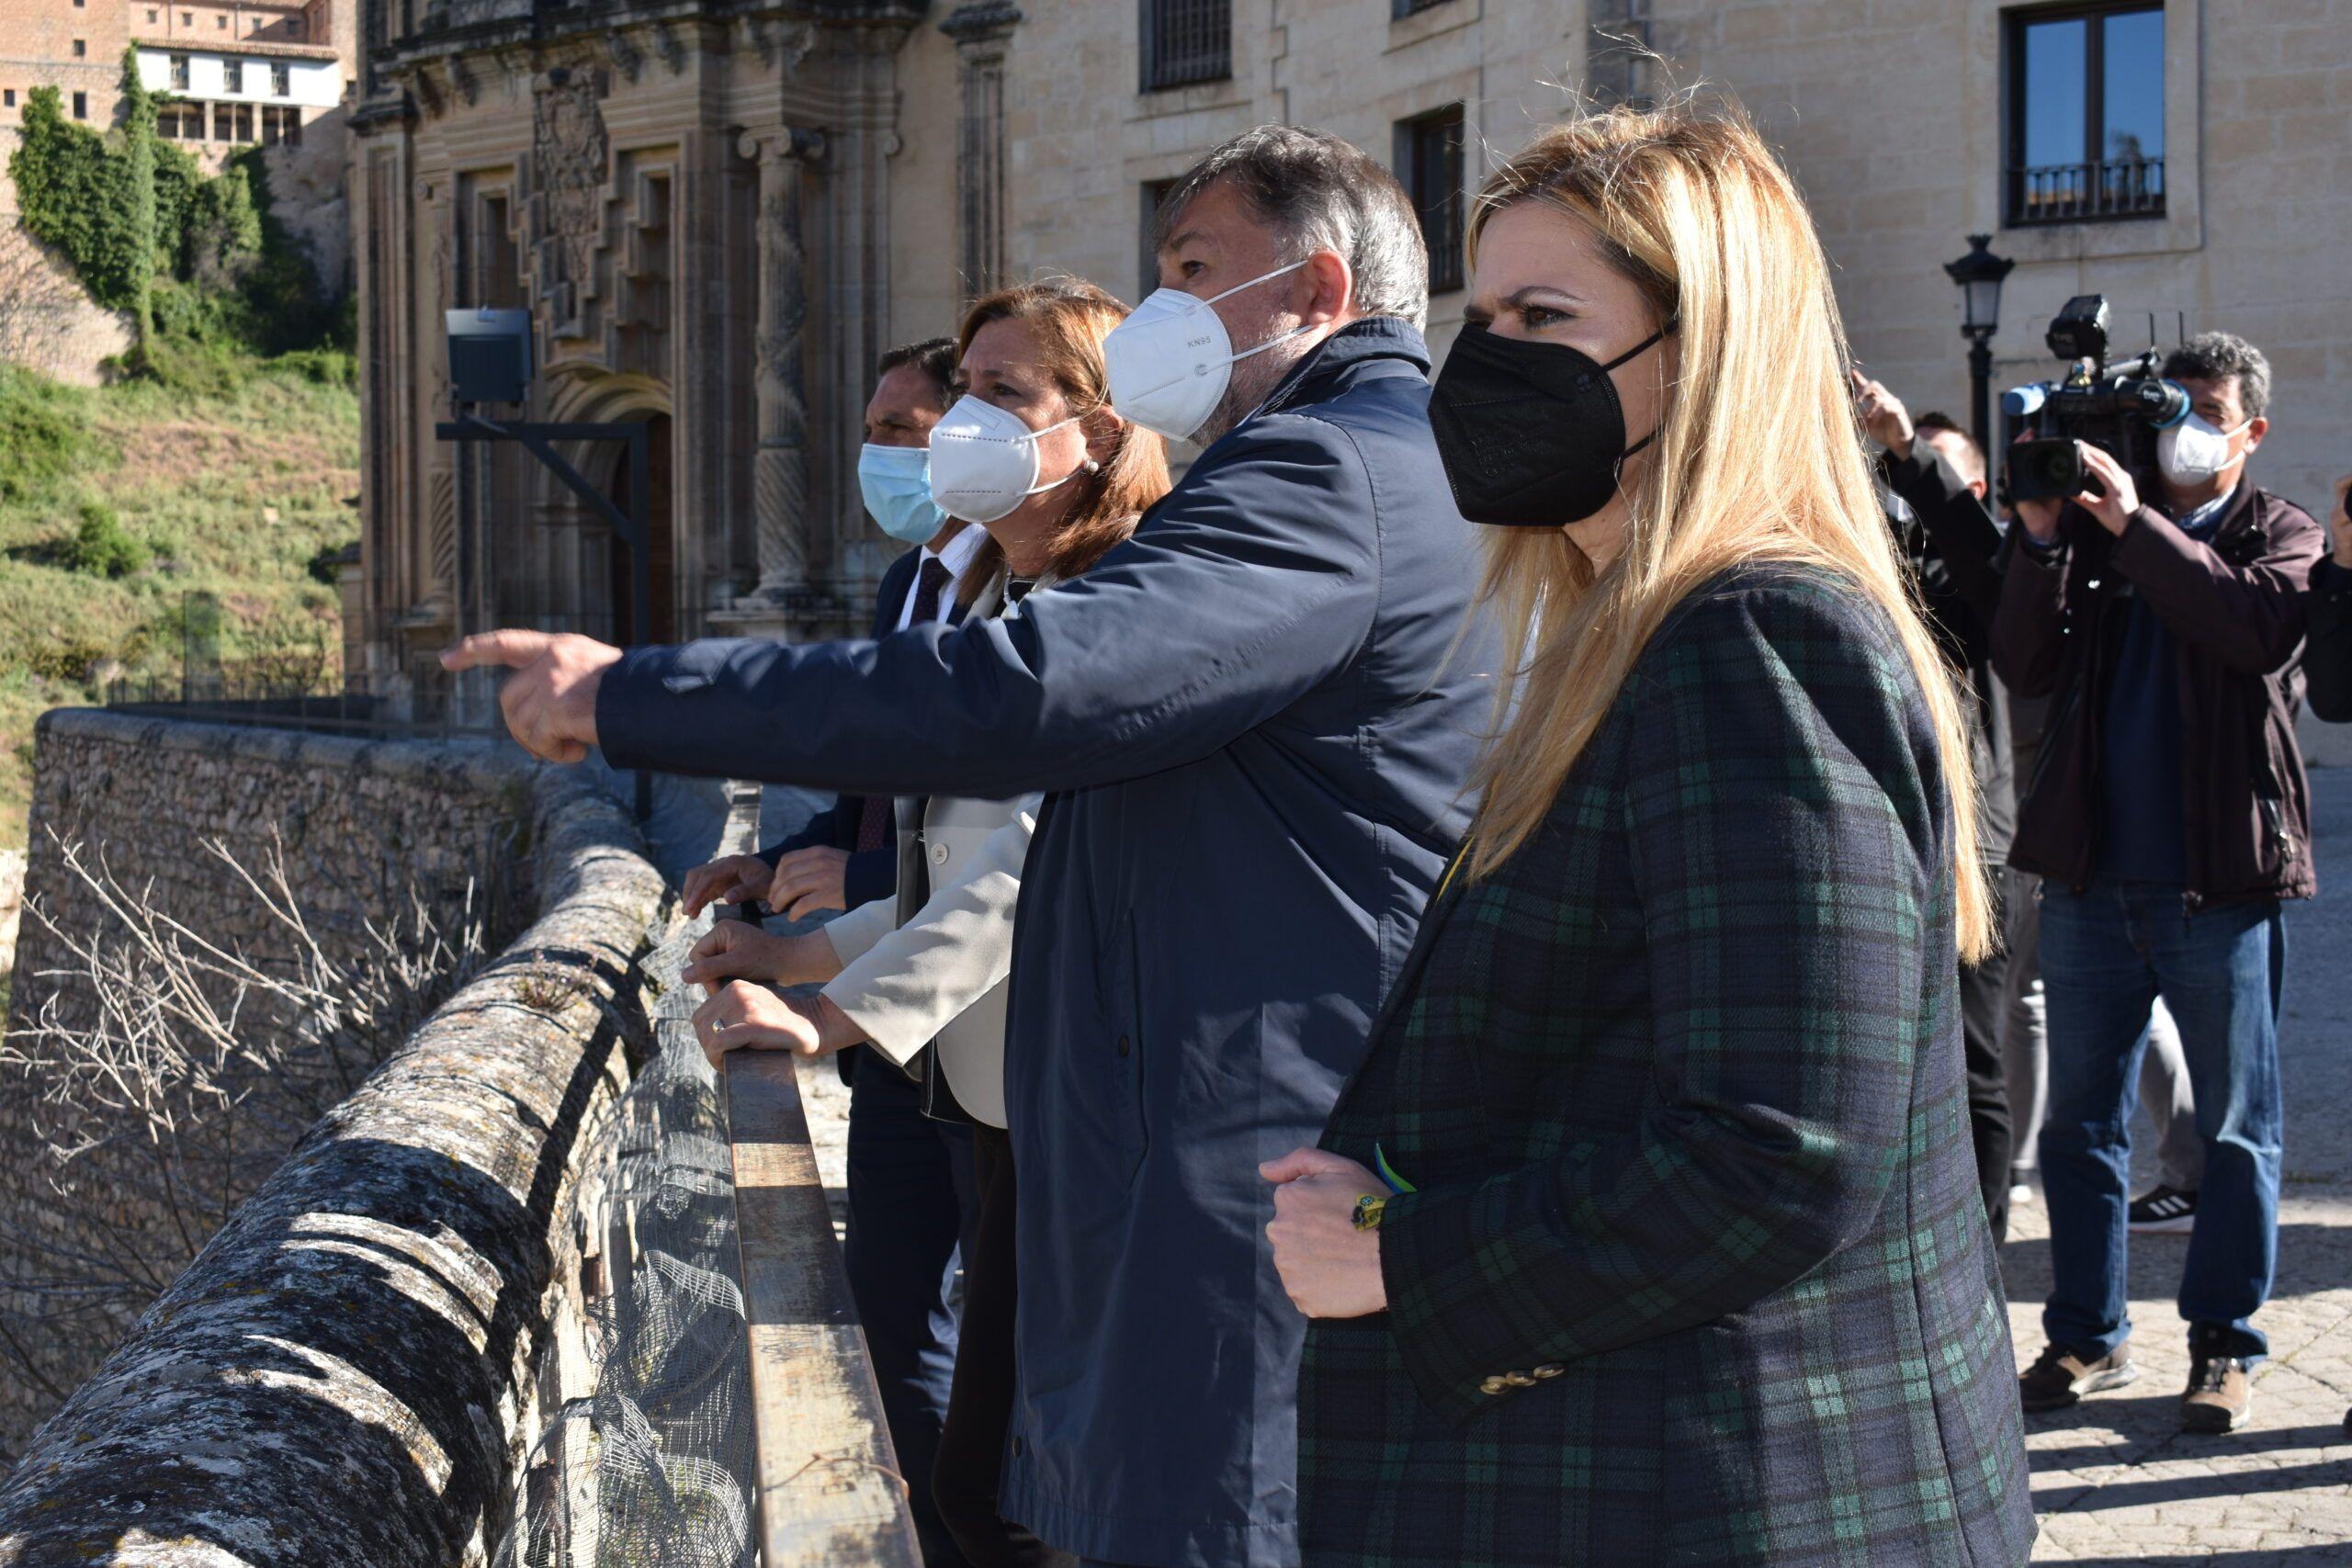 La Comisión Ejecutiva del Consorcio declara de emergencia las obras de saneamiento y estabilización de la calle Canónigos